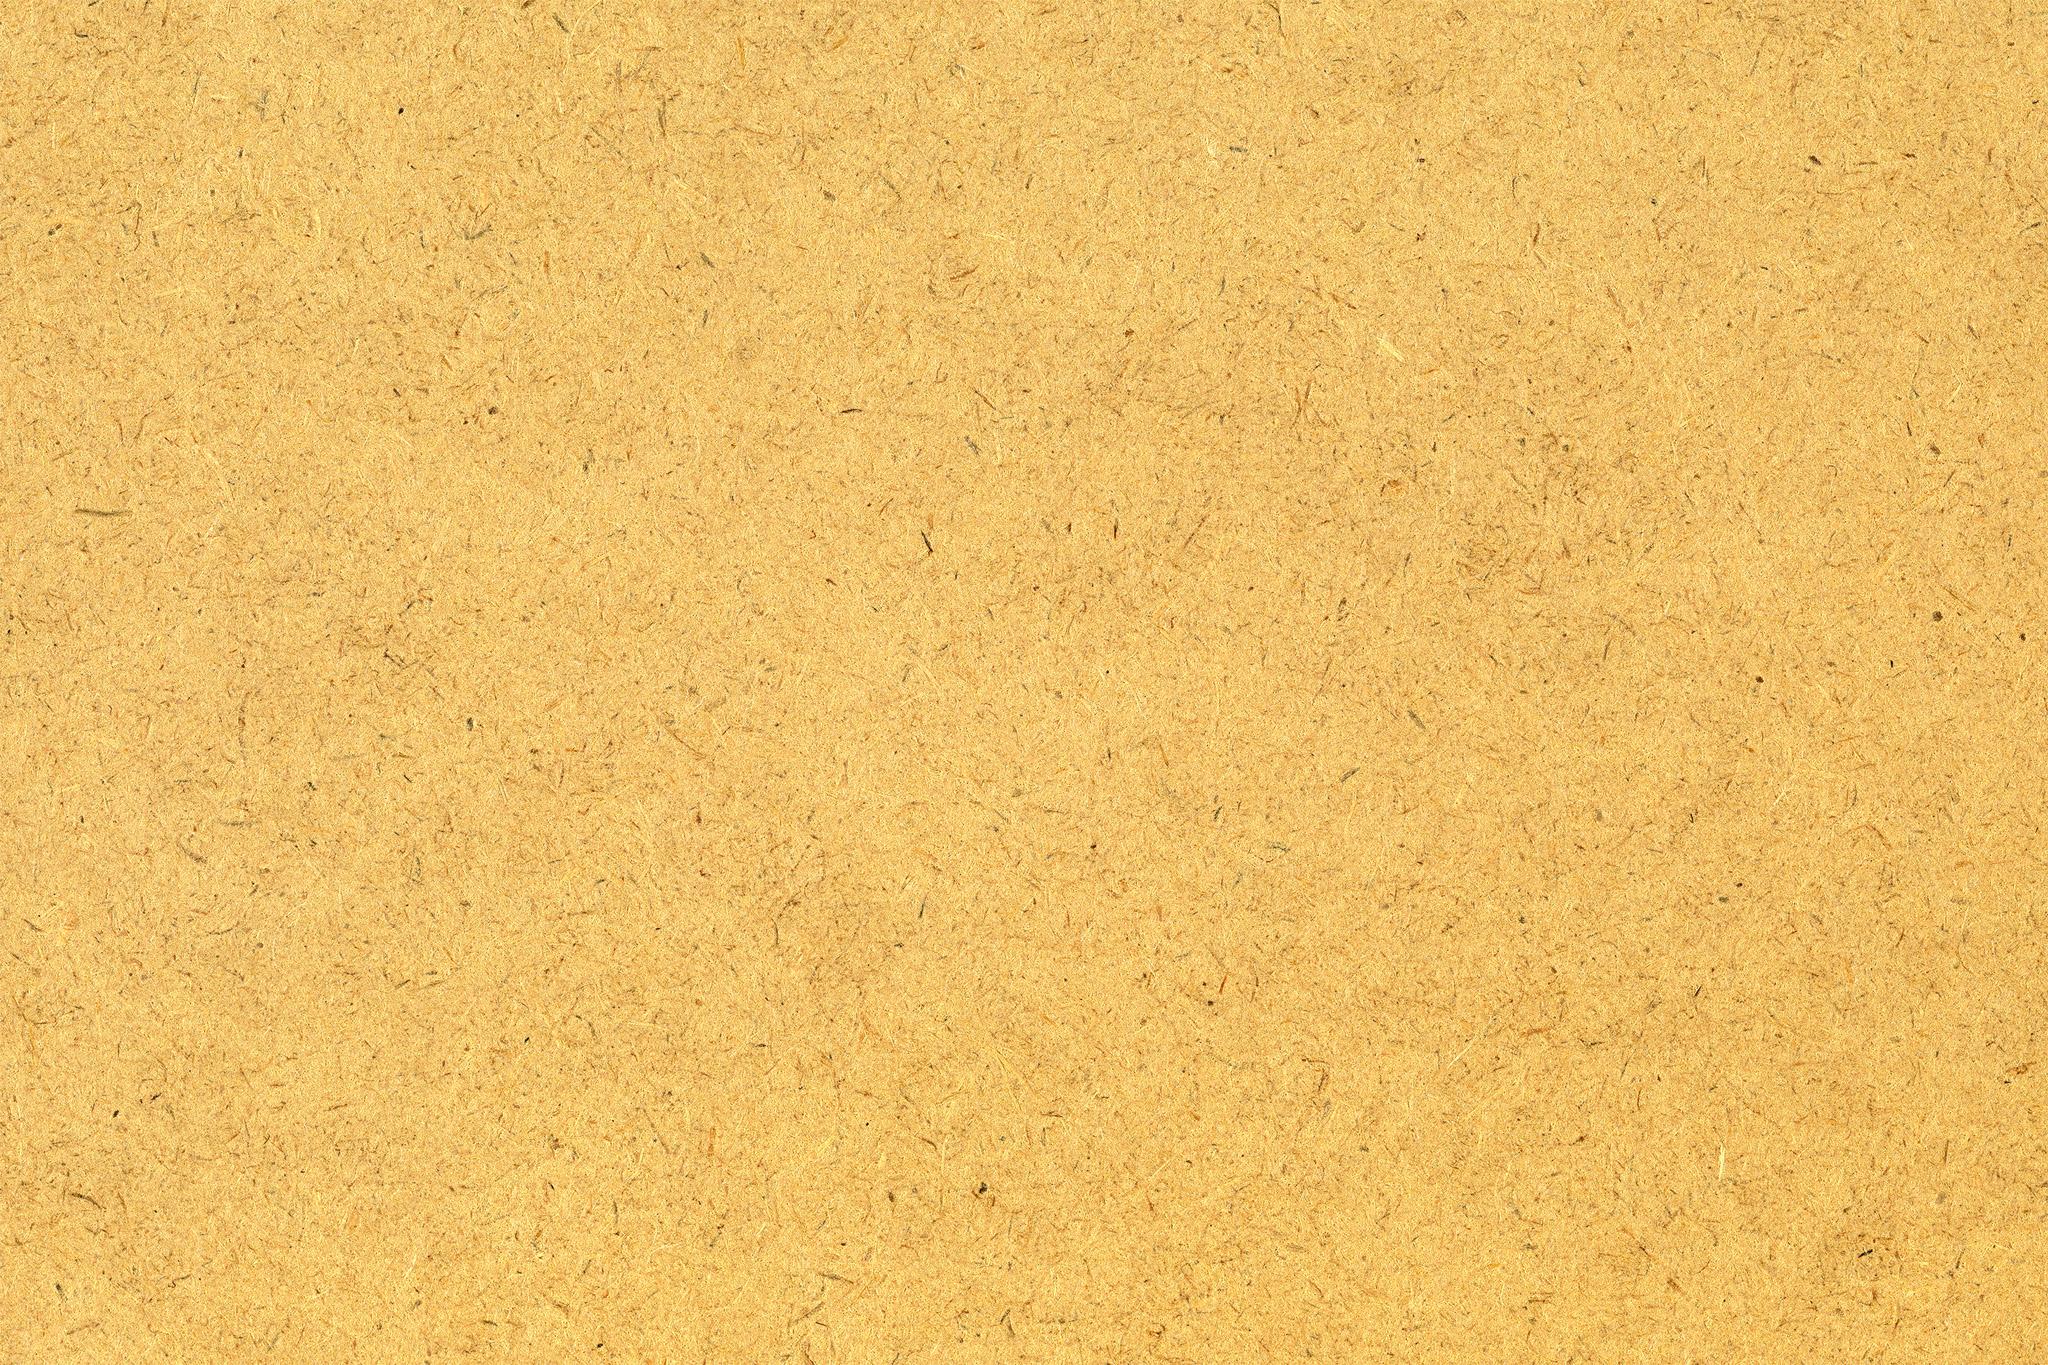 「ナチュラル色の木質繊維の板」の素材を無料ダウンロード